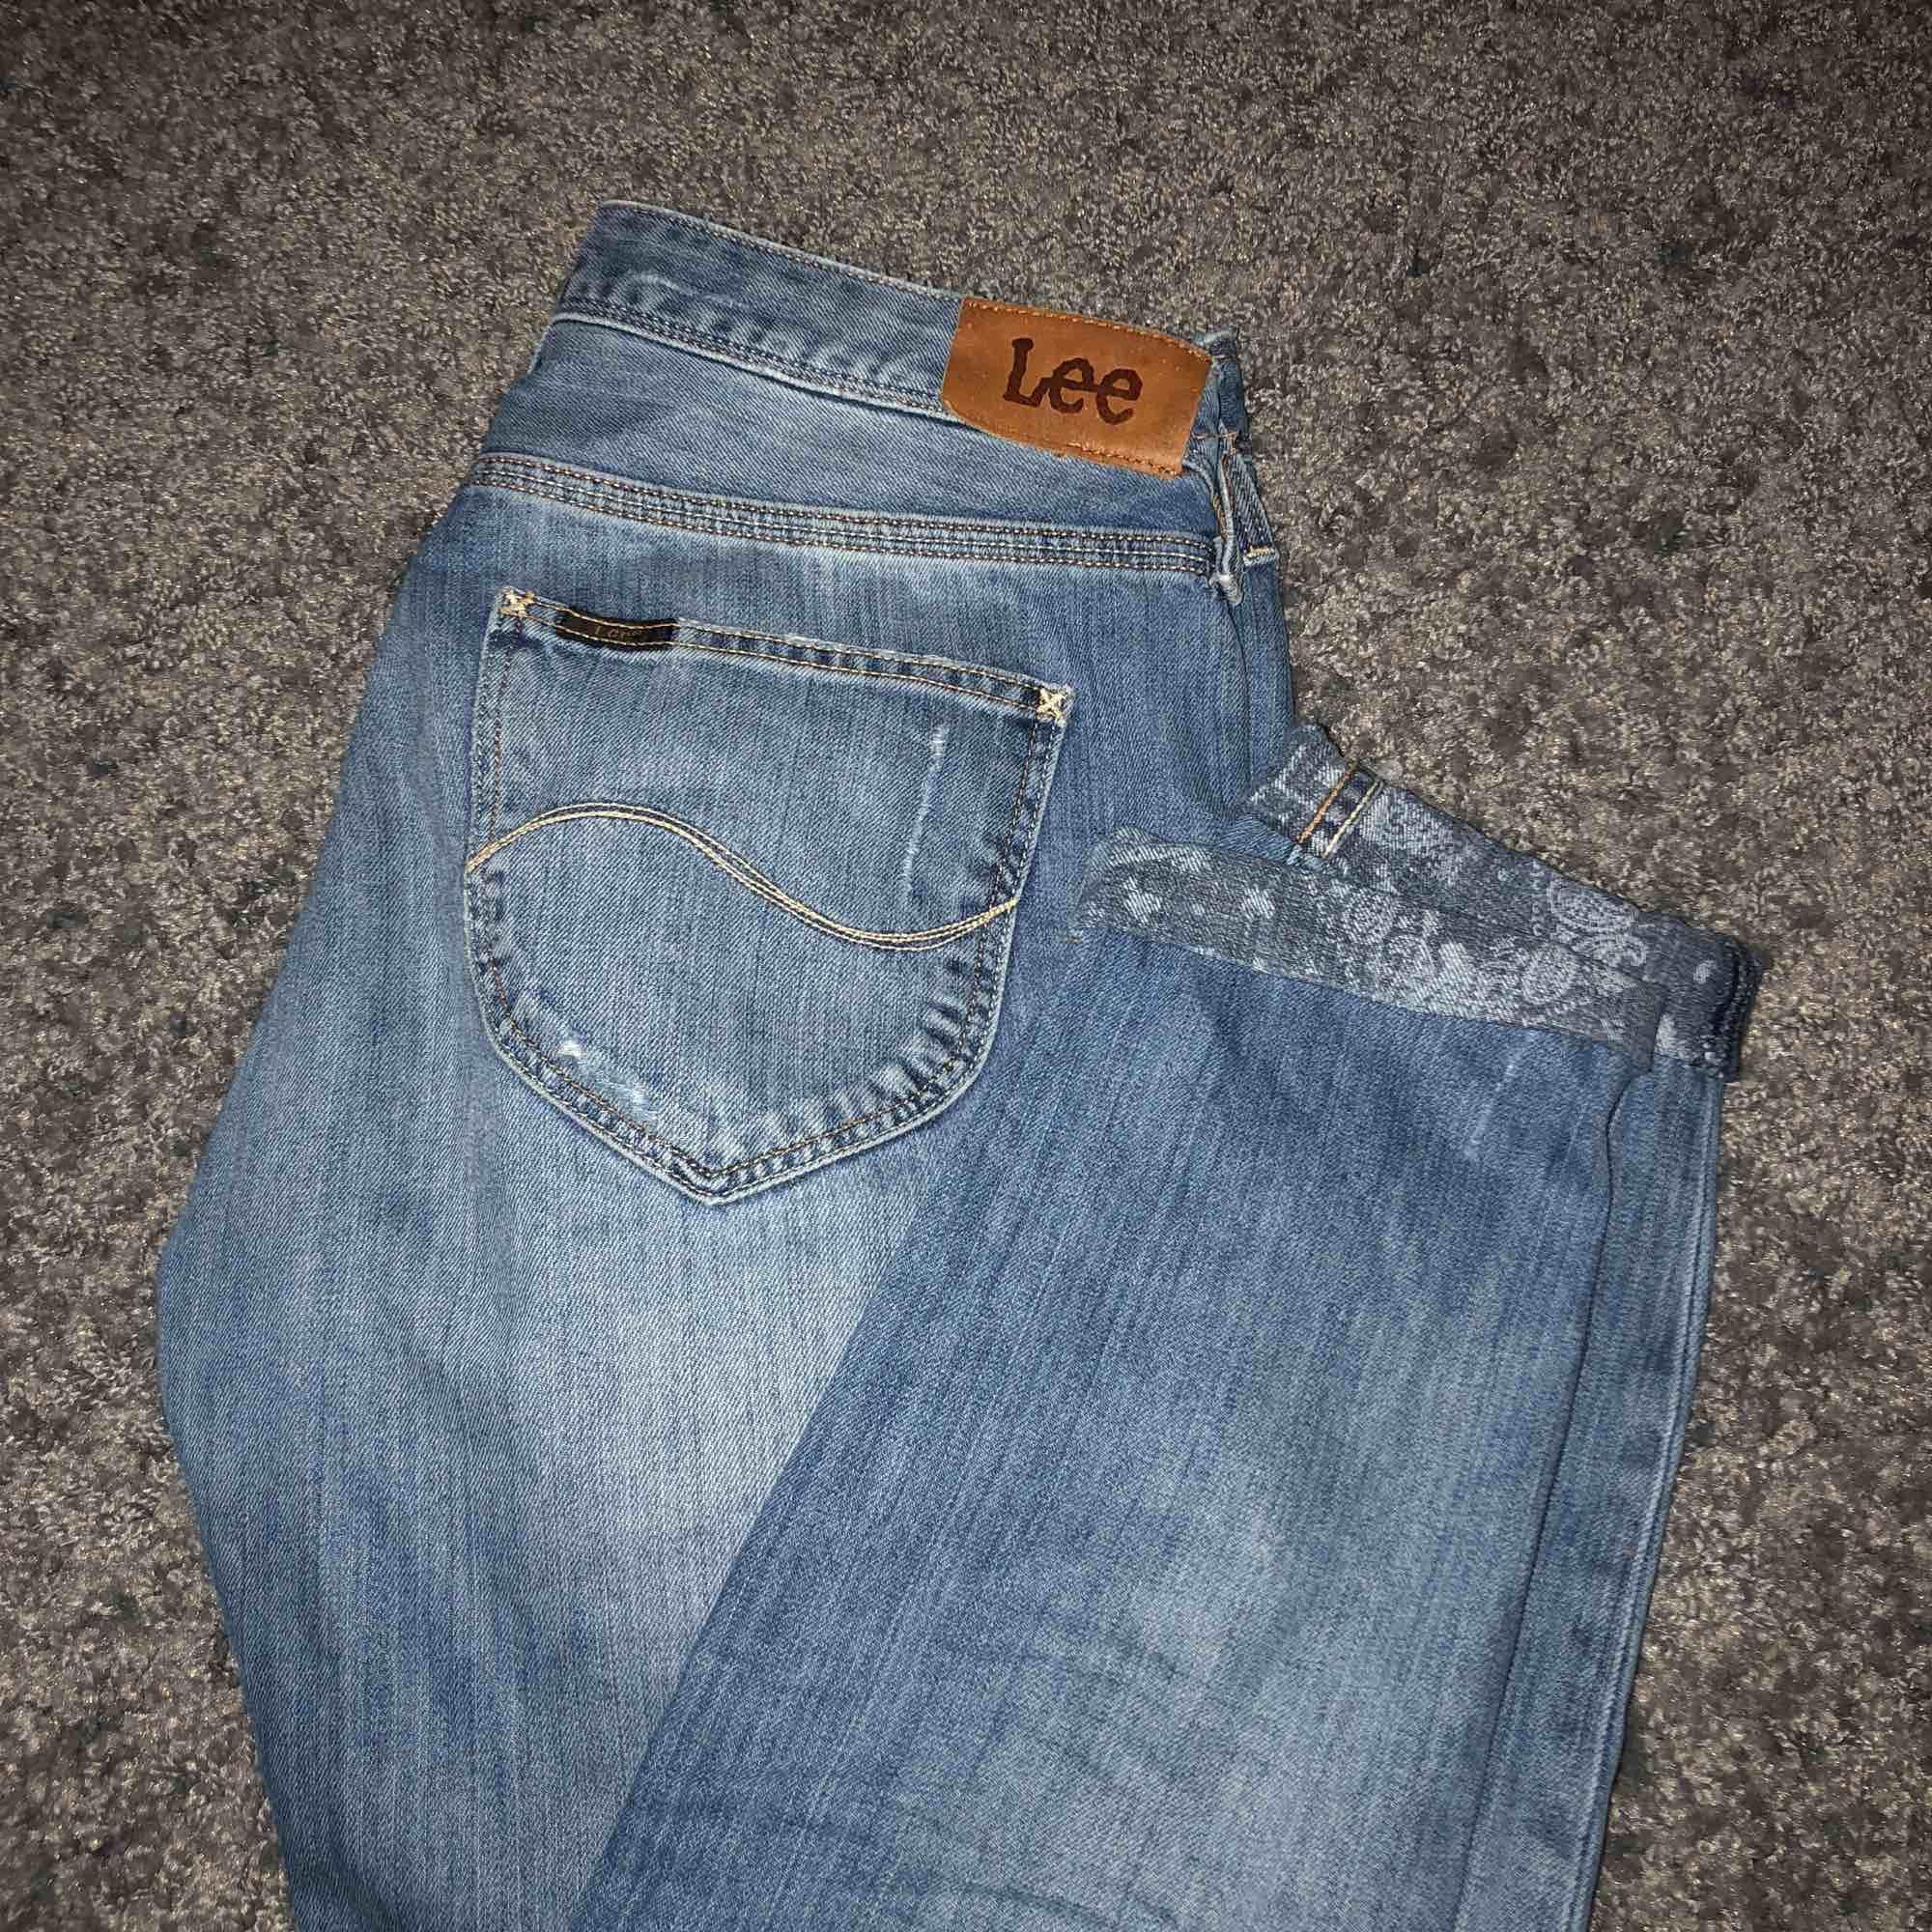 Jättefina lee jeans säljes pga de blivit förstora. Jättefint skick och har ovanliga detaljer såsom mönstret nertill av byxorna. Obs skinnlappen med bak har lossnat lite. Men går att fixa! Köparen står för frakt.. Jeans & Byxor.